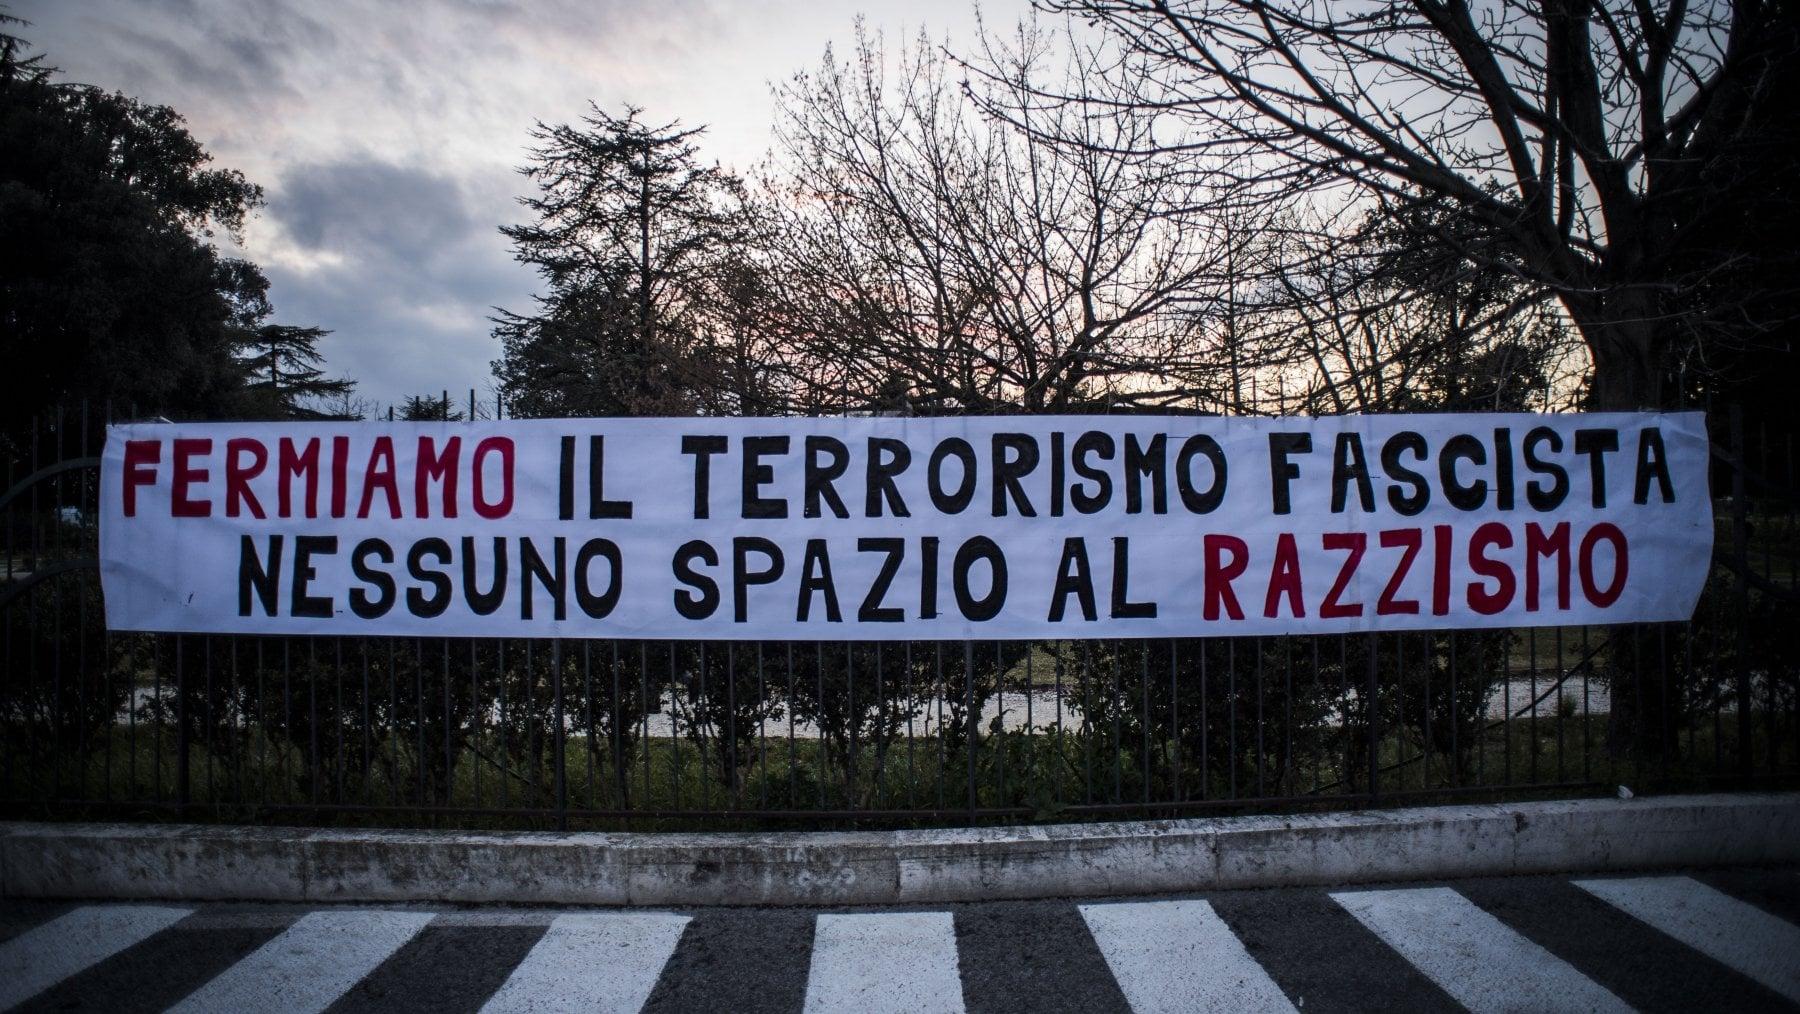 Fermiamo il terrorismo fascista, nessuno spazio al razzismo